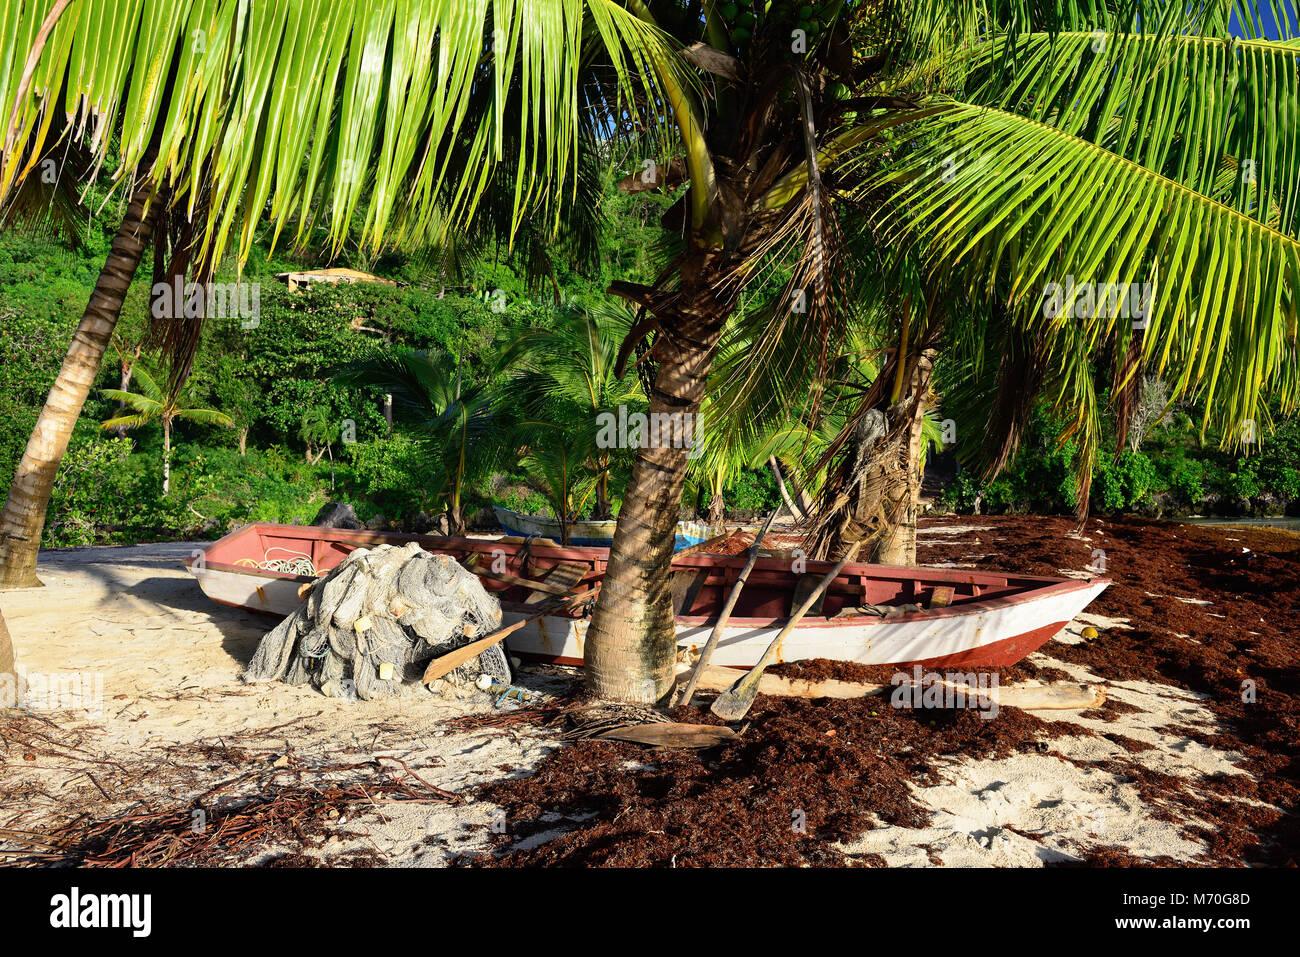 The Rincon beach on Dominican Republic. - Stock Image